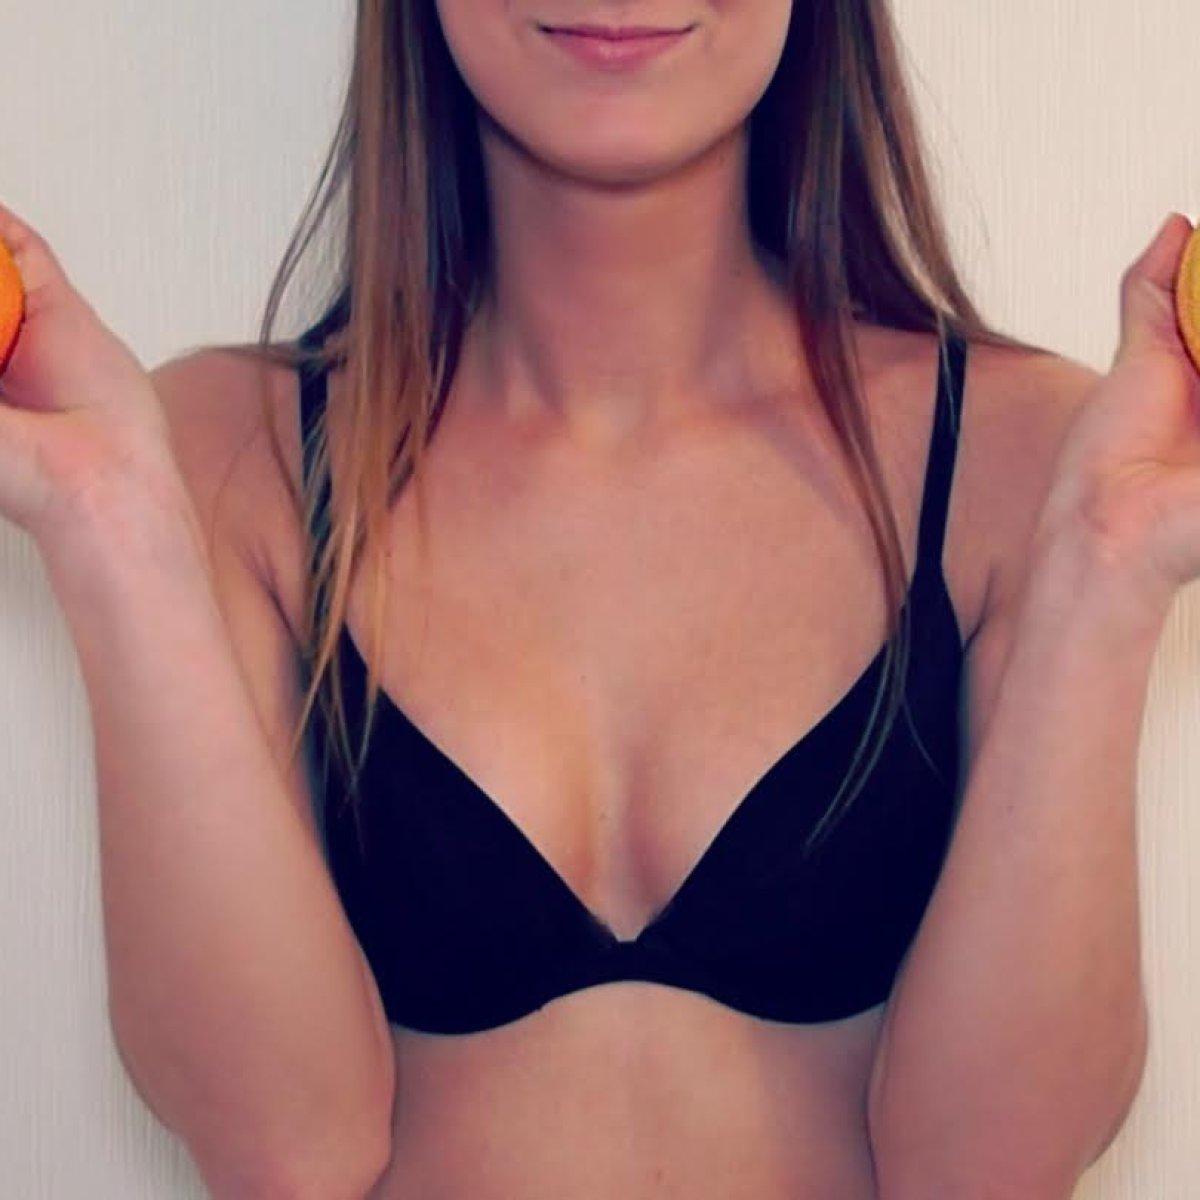 75d brüste Women's Clothing